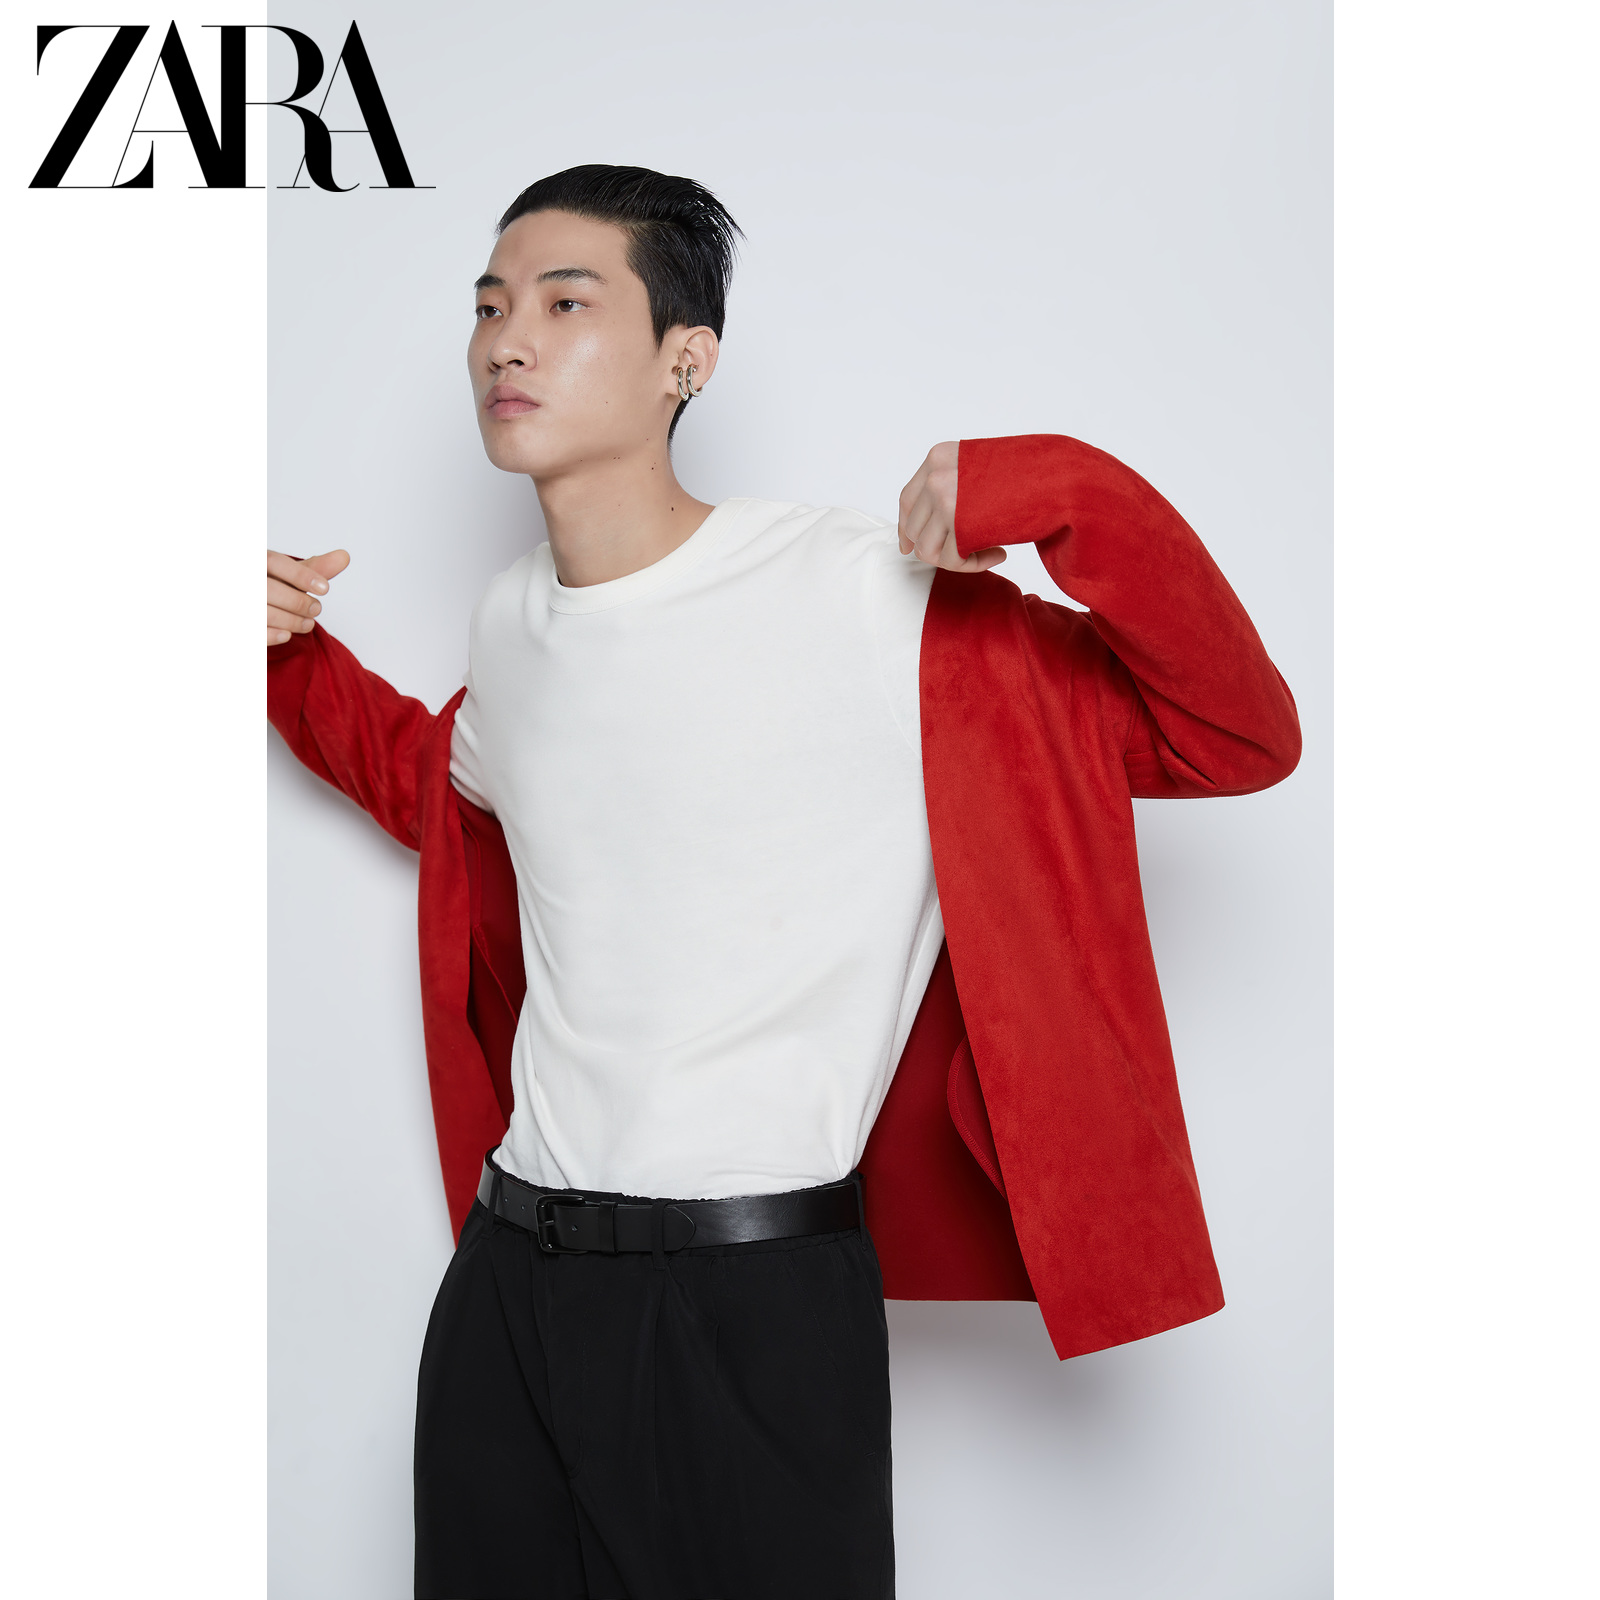 ZARA 新款 男装 鼠年系列 红色绒面质感效果西装外套 03548610600,降价幅度33.4%